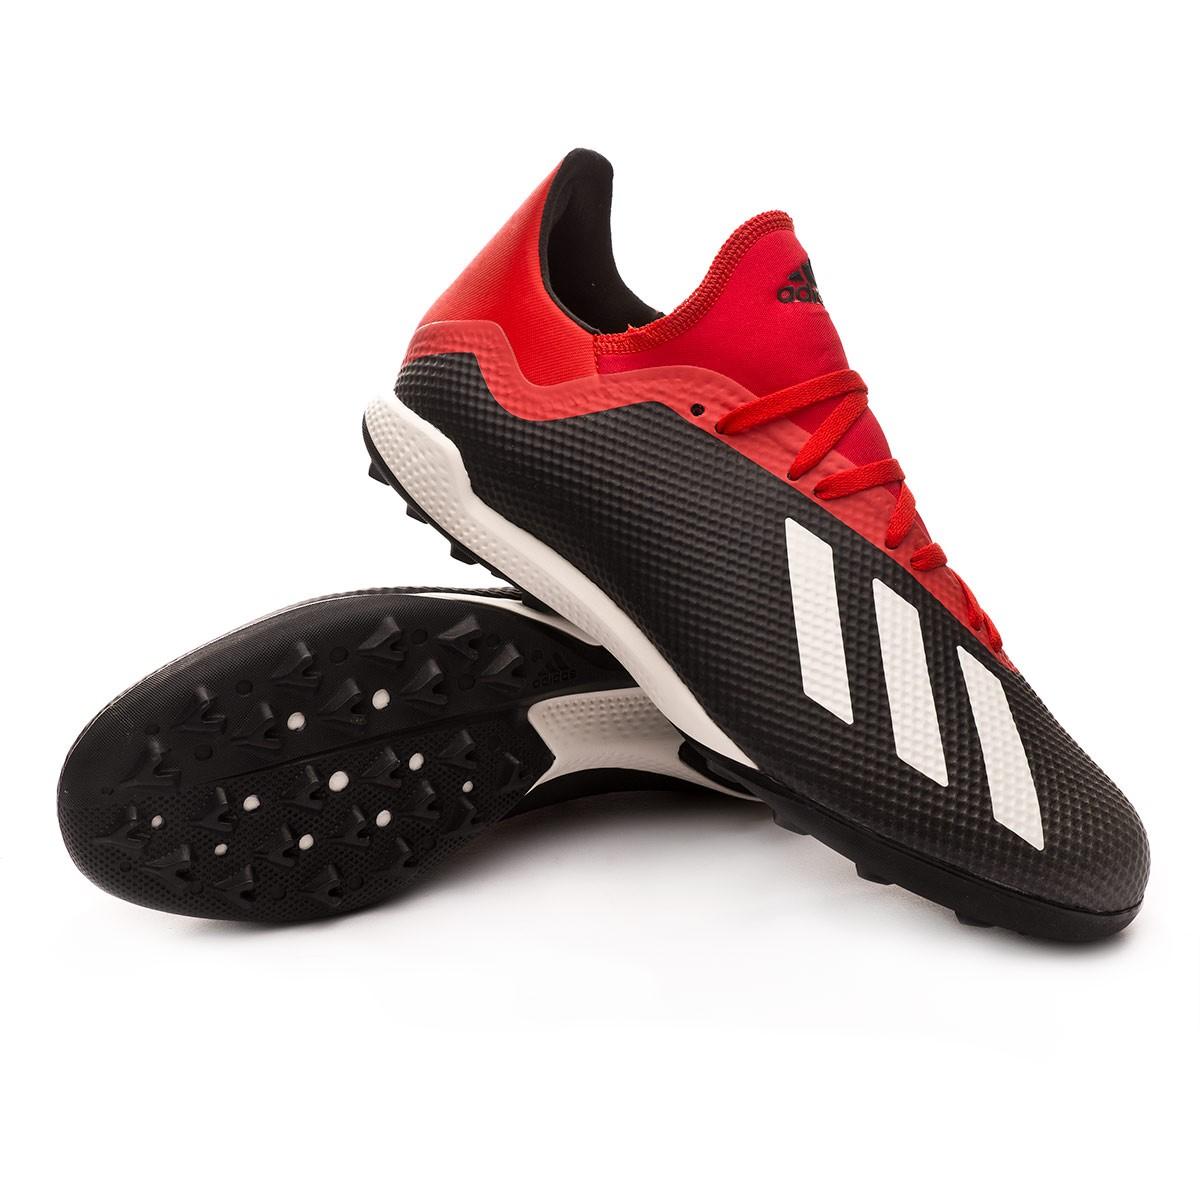 Football Boot adidas X Tango 18.3 Turf